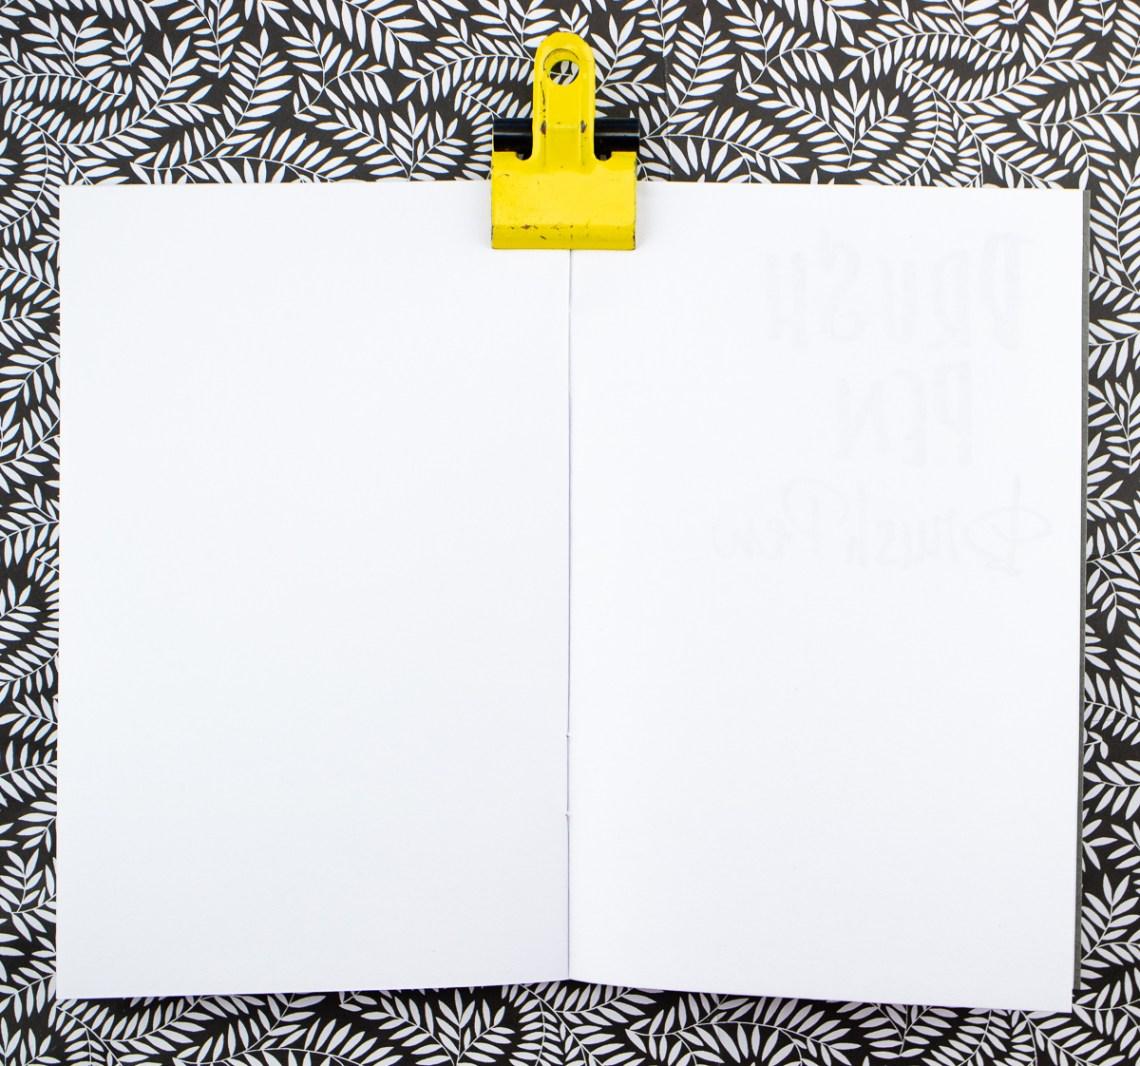 Beech Tree Notebooks reverse side